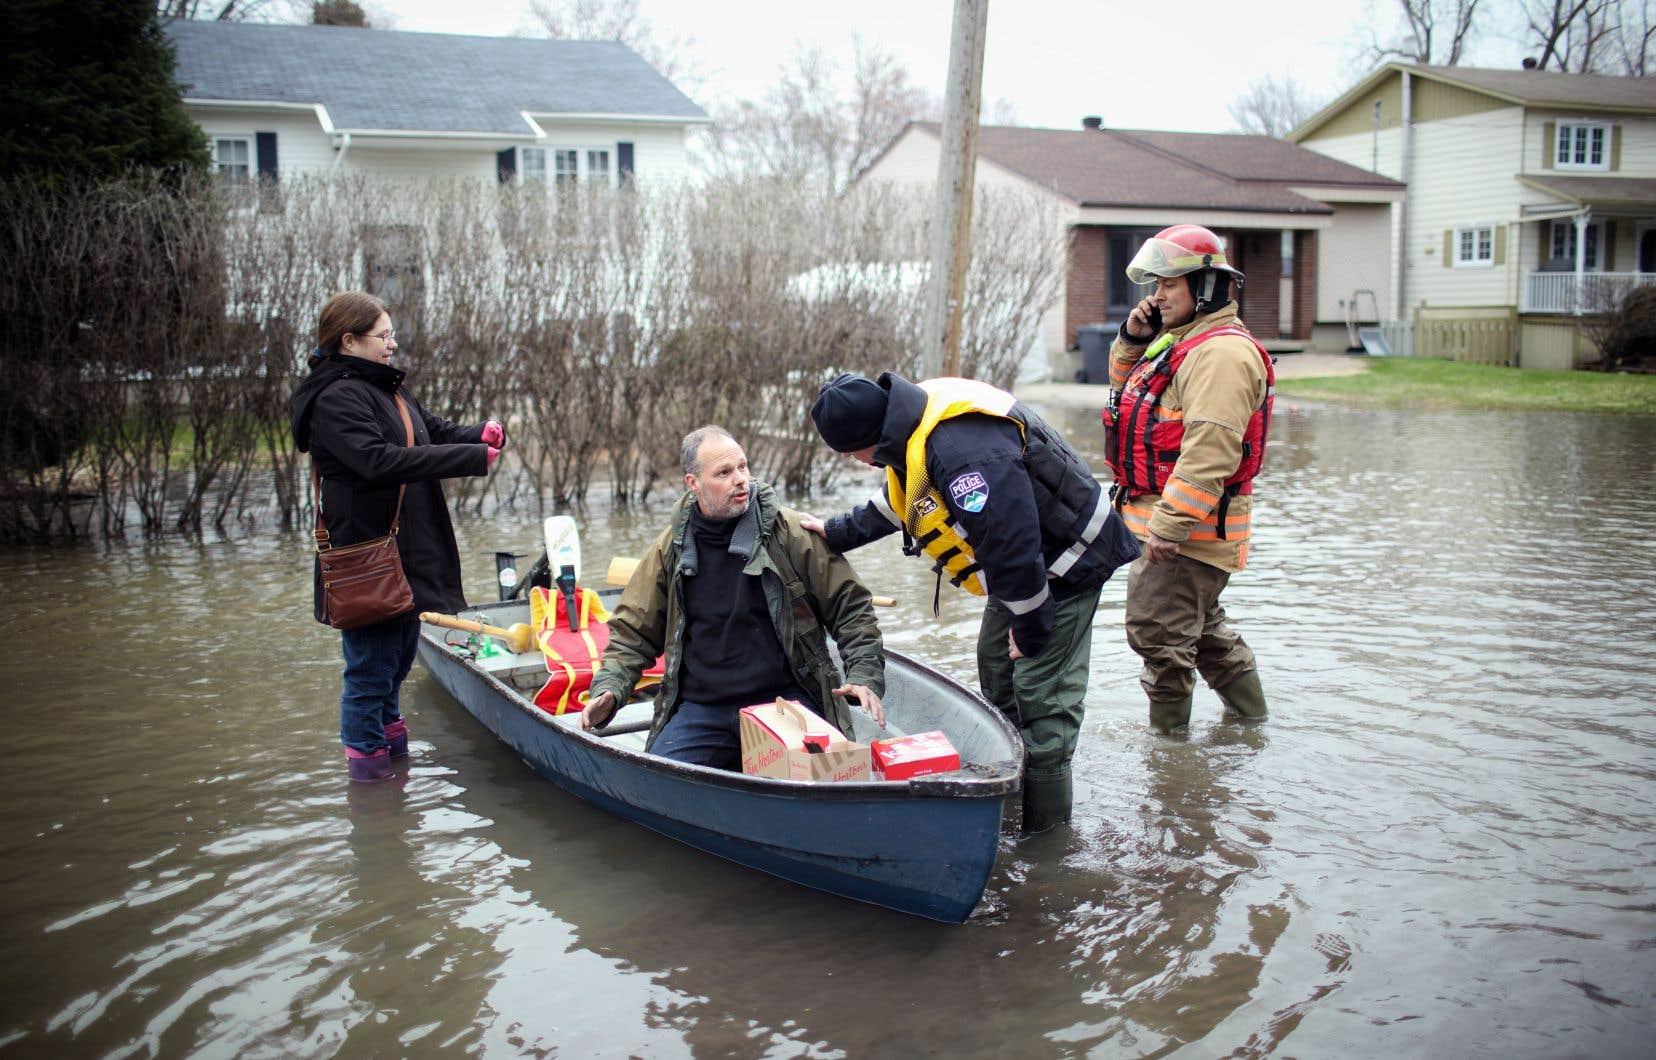 C'est une brèche de 50 à 75 pieds dans une digue naturelle qui est à l'origine de cette inondation, survenue samedi soir, forçant l'évacuation immédiate de milliers de résidents de Sainte-Marthe-sur-le-Lac, dans les Laurentides. Selon les autorités, «le niveau de l'eau pourrait augmenter encore pour 24 à 48heures». Il pourrait se passer plusieurs jours, voire plusieurs semaines avant que les résidents évacués ne puissent rentrer chez eux.